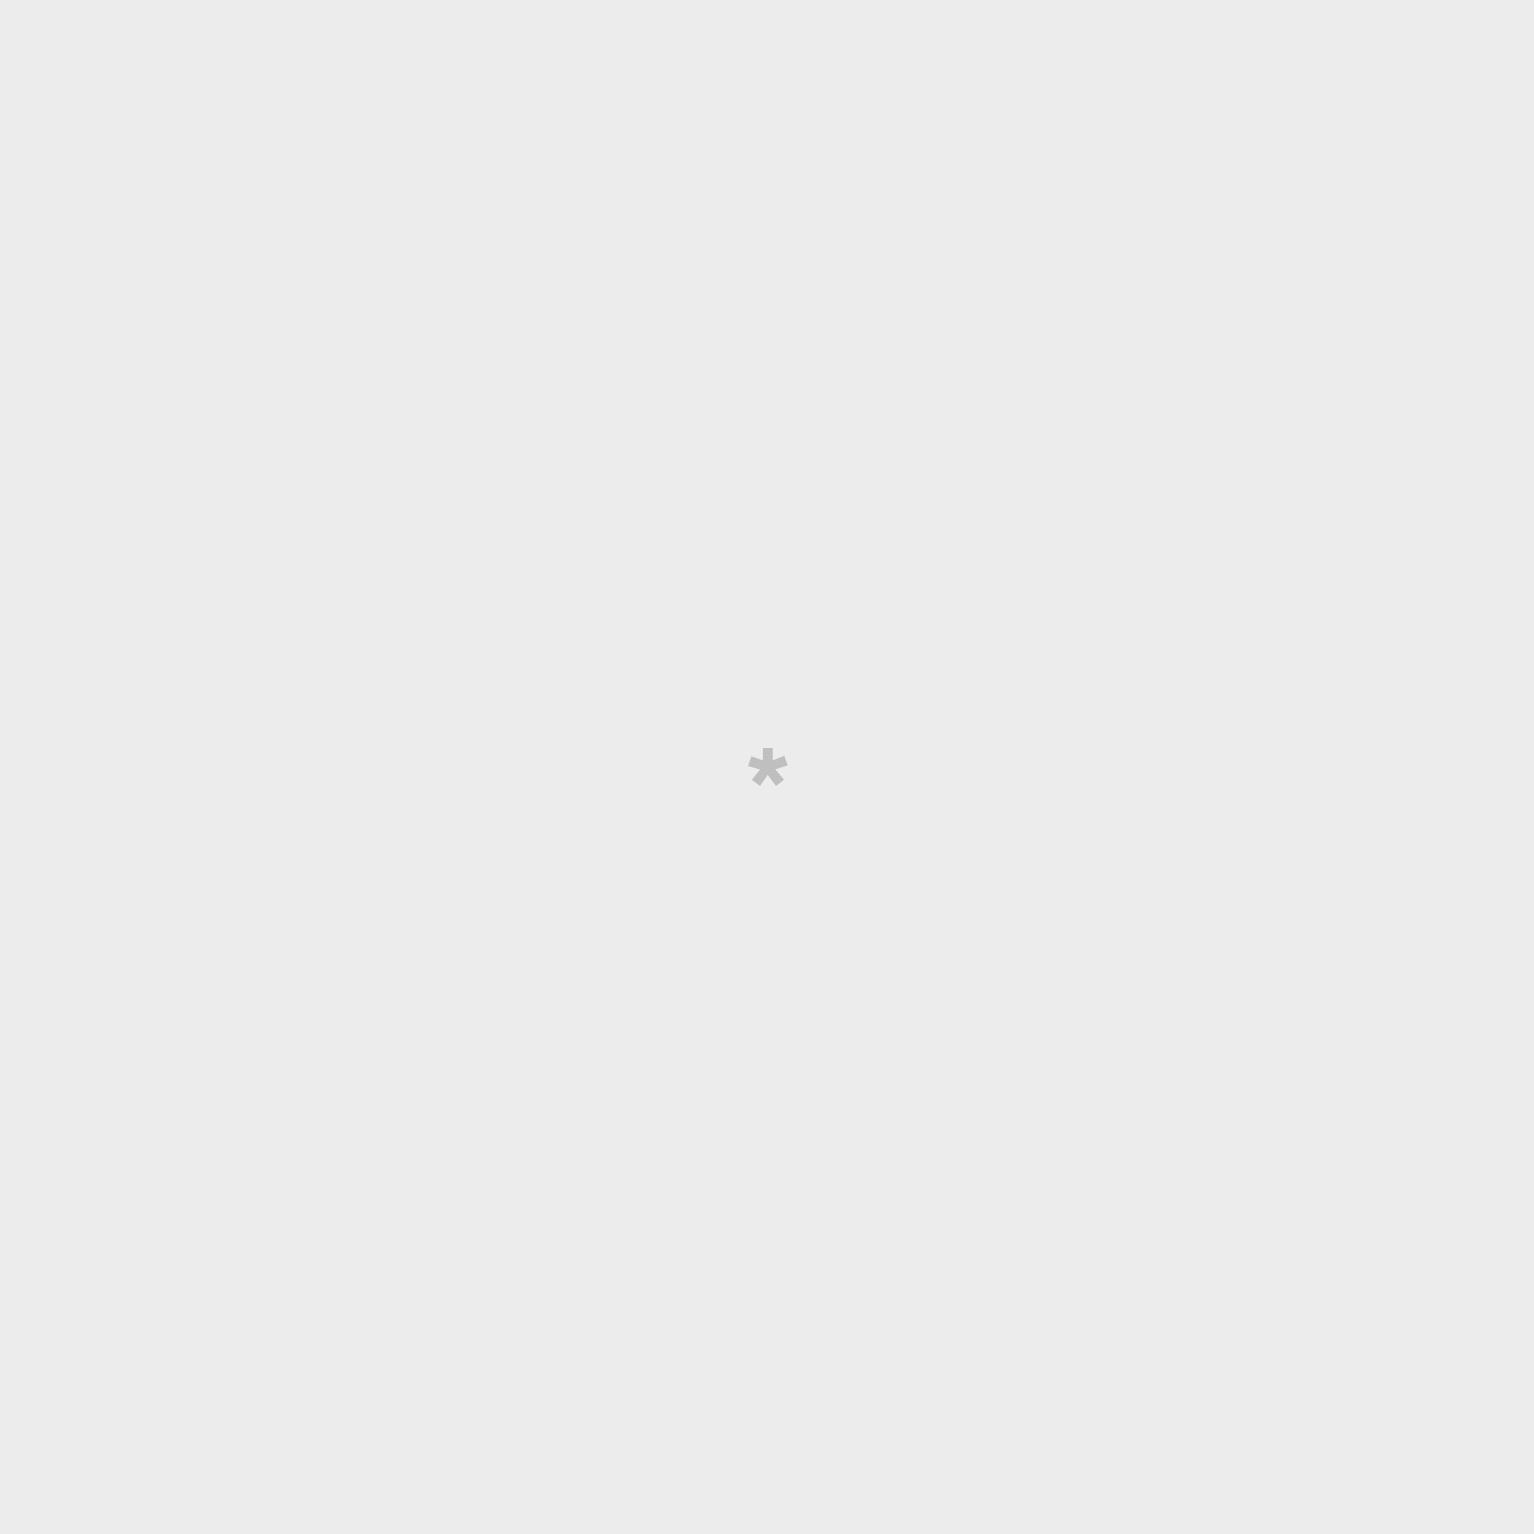 Muñeco Mr. Wonderful x Saro - Unicornio